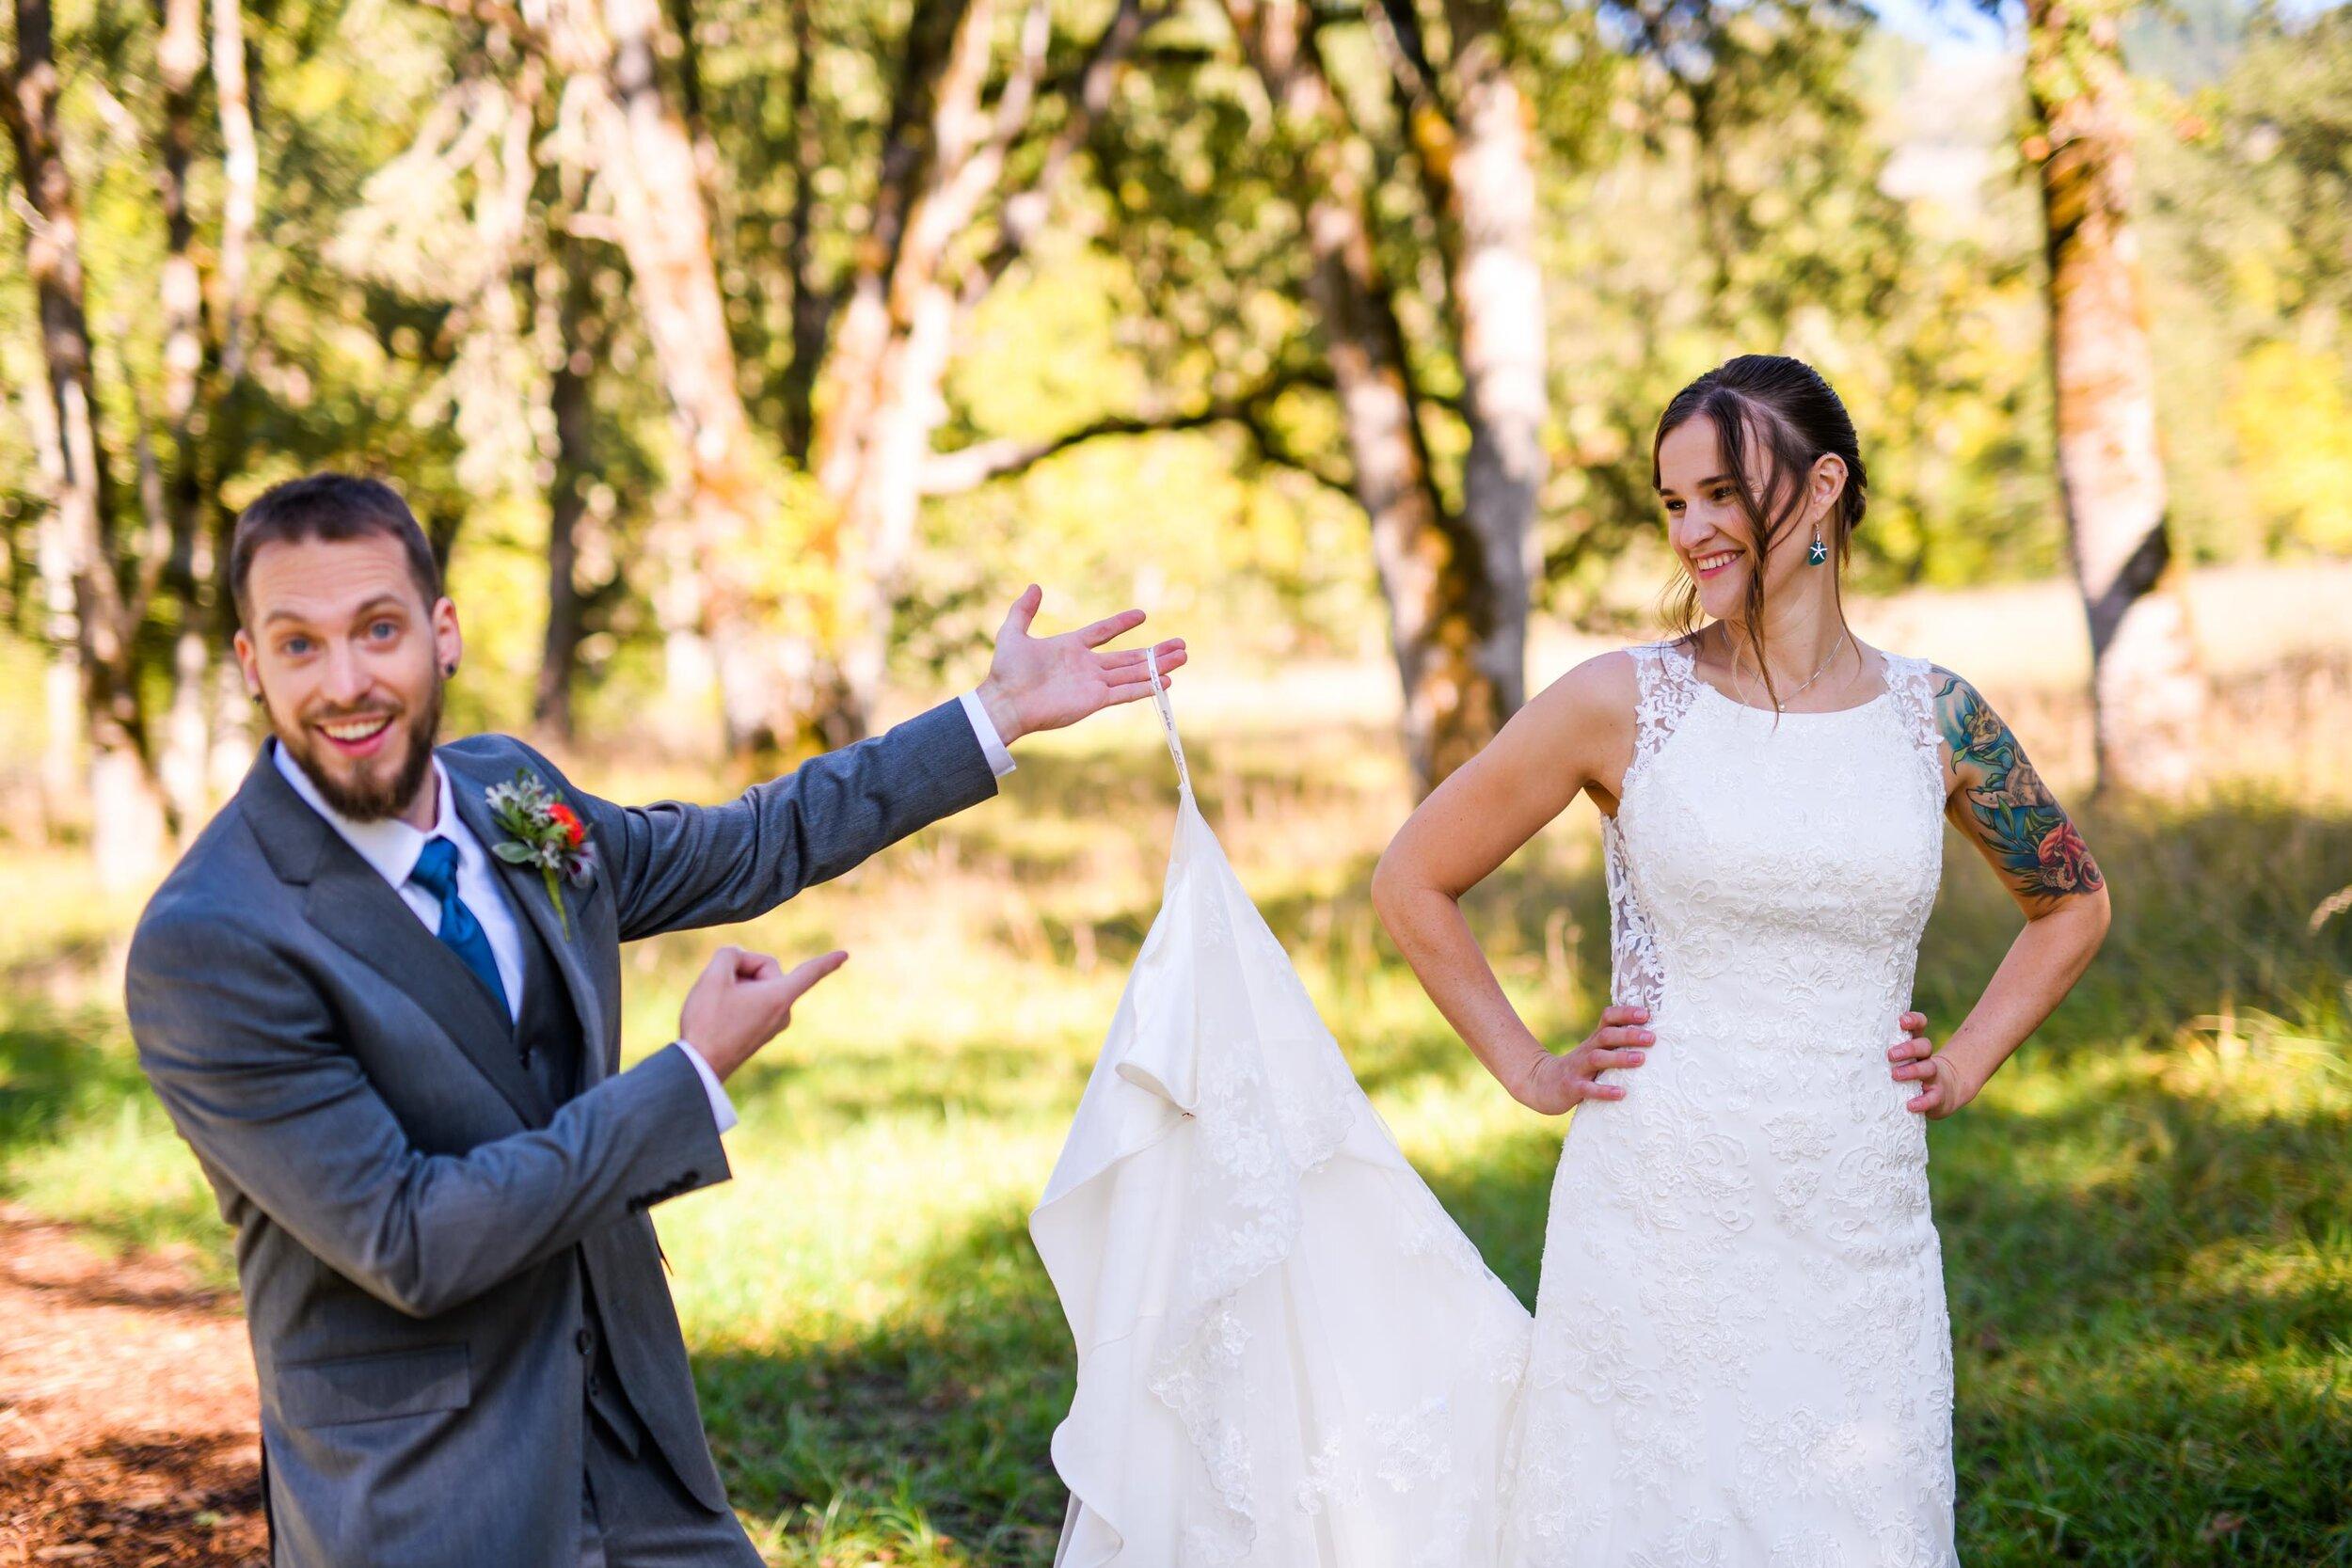 Mt. Pisgah Arboretum wedding photos 24.JPG